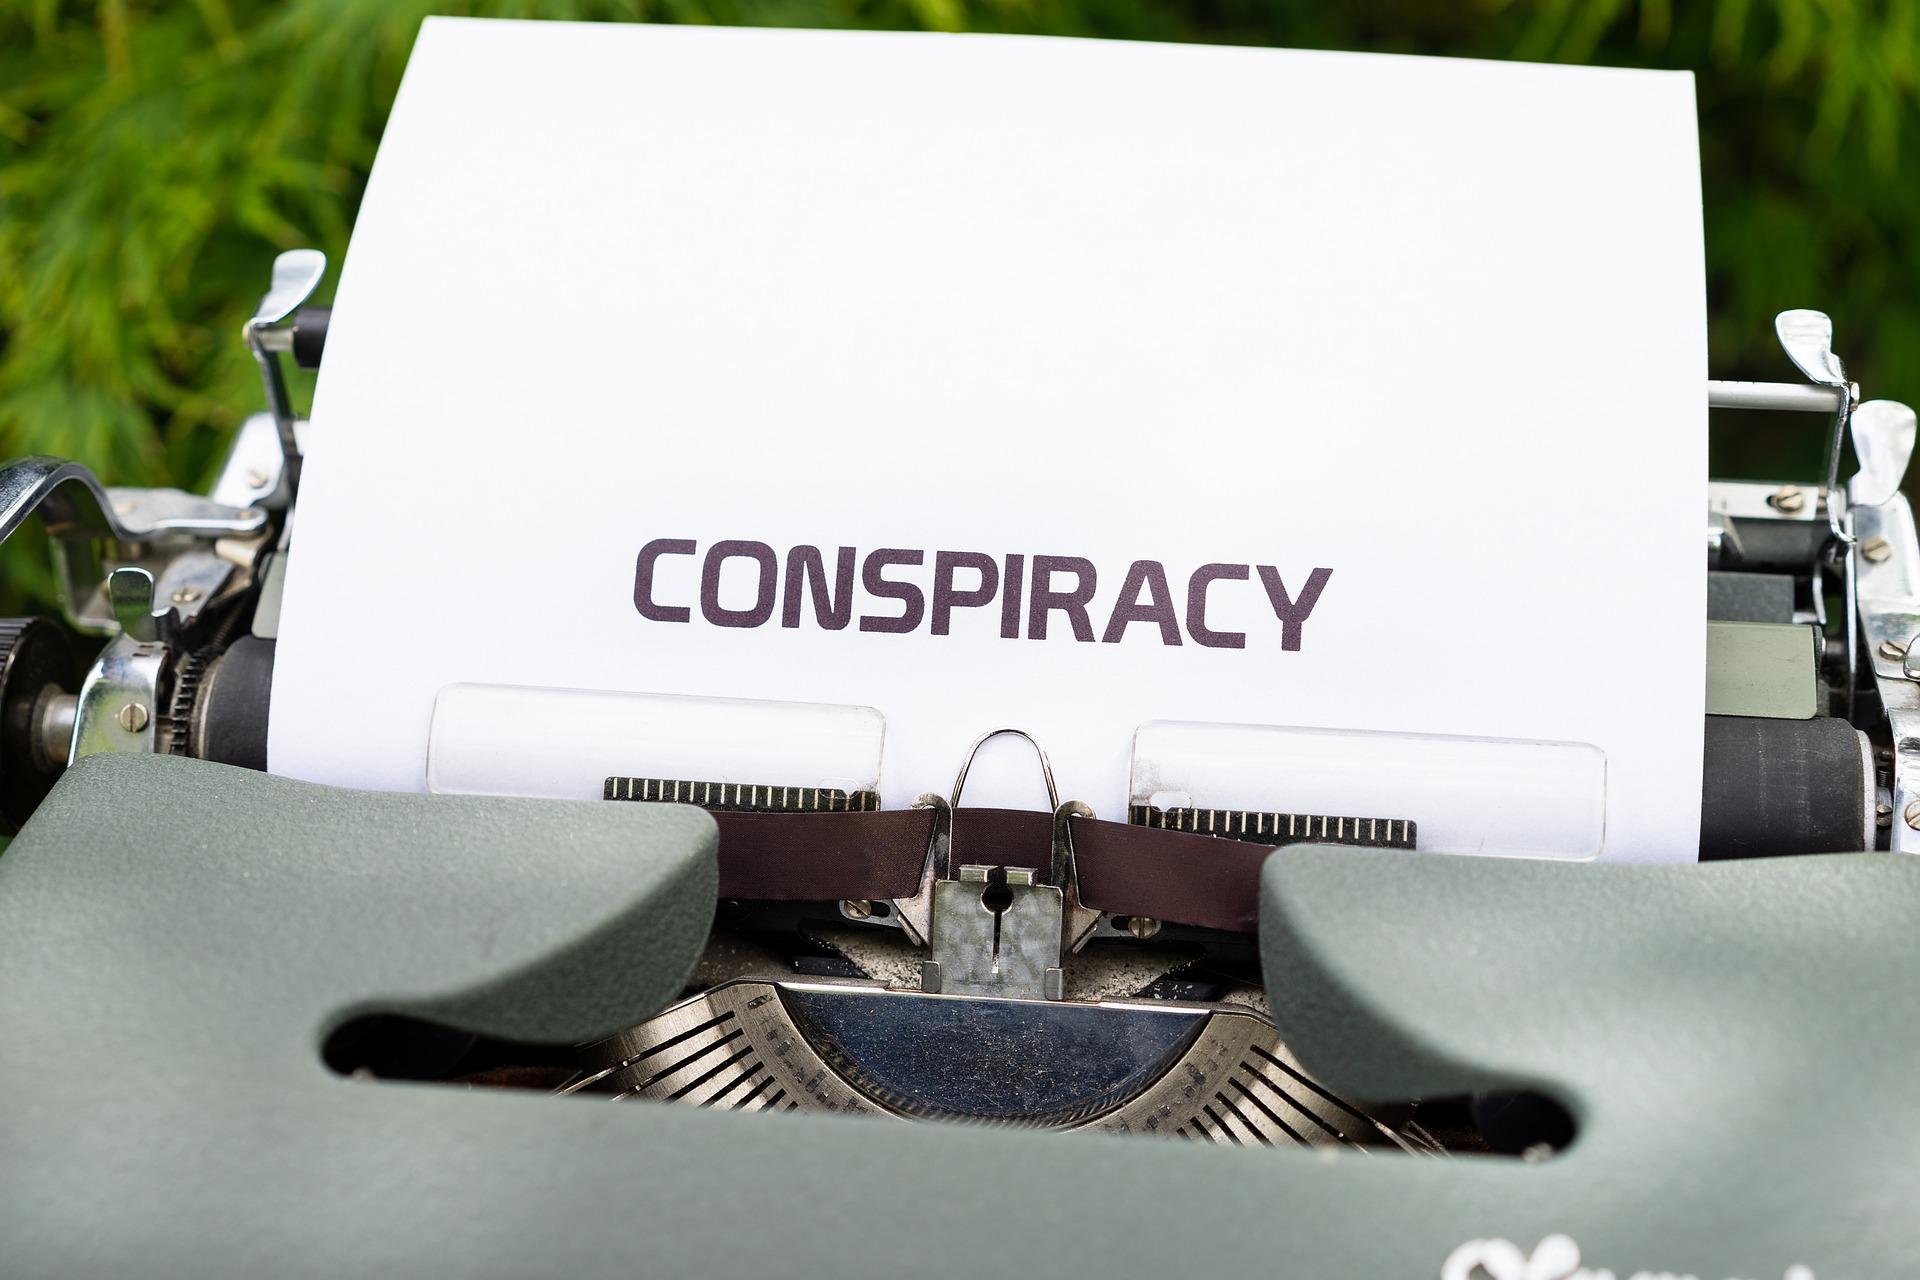 Konspirační teorie jako mýty aproroctví, aneb okanónech na vrabce